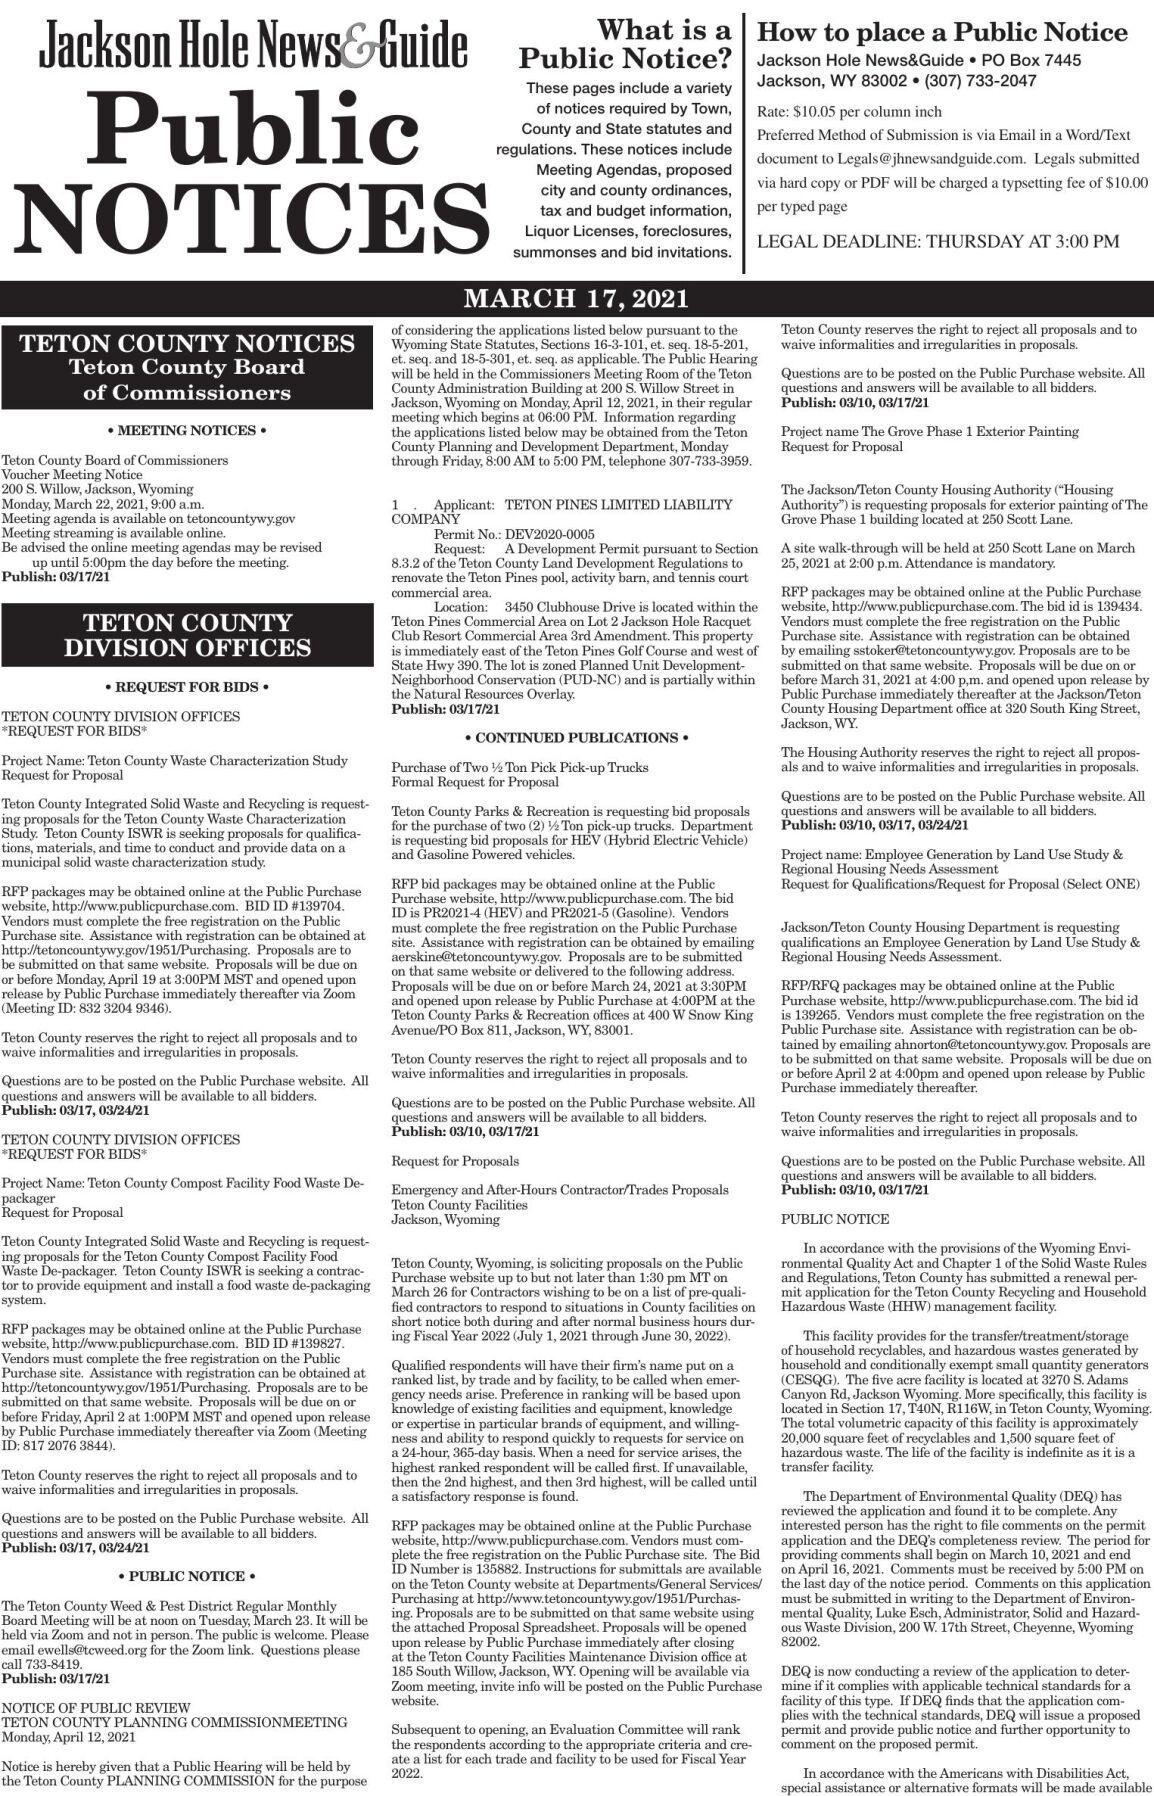 Public Notices, March 17, 2021